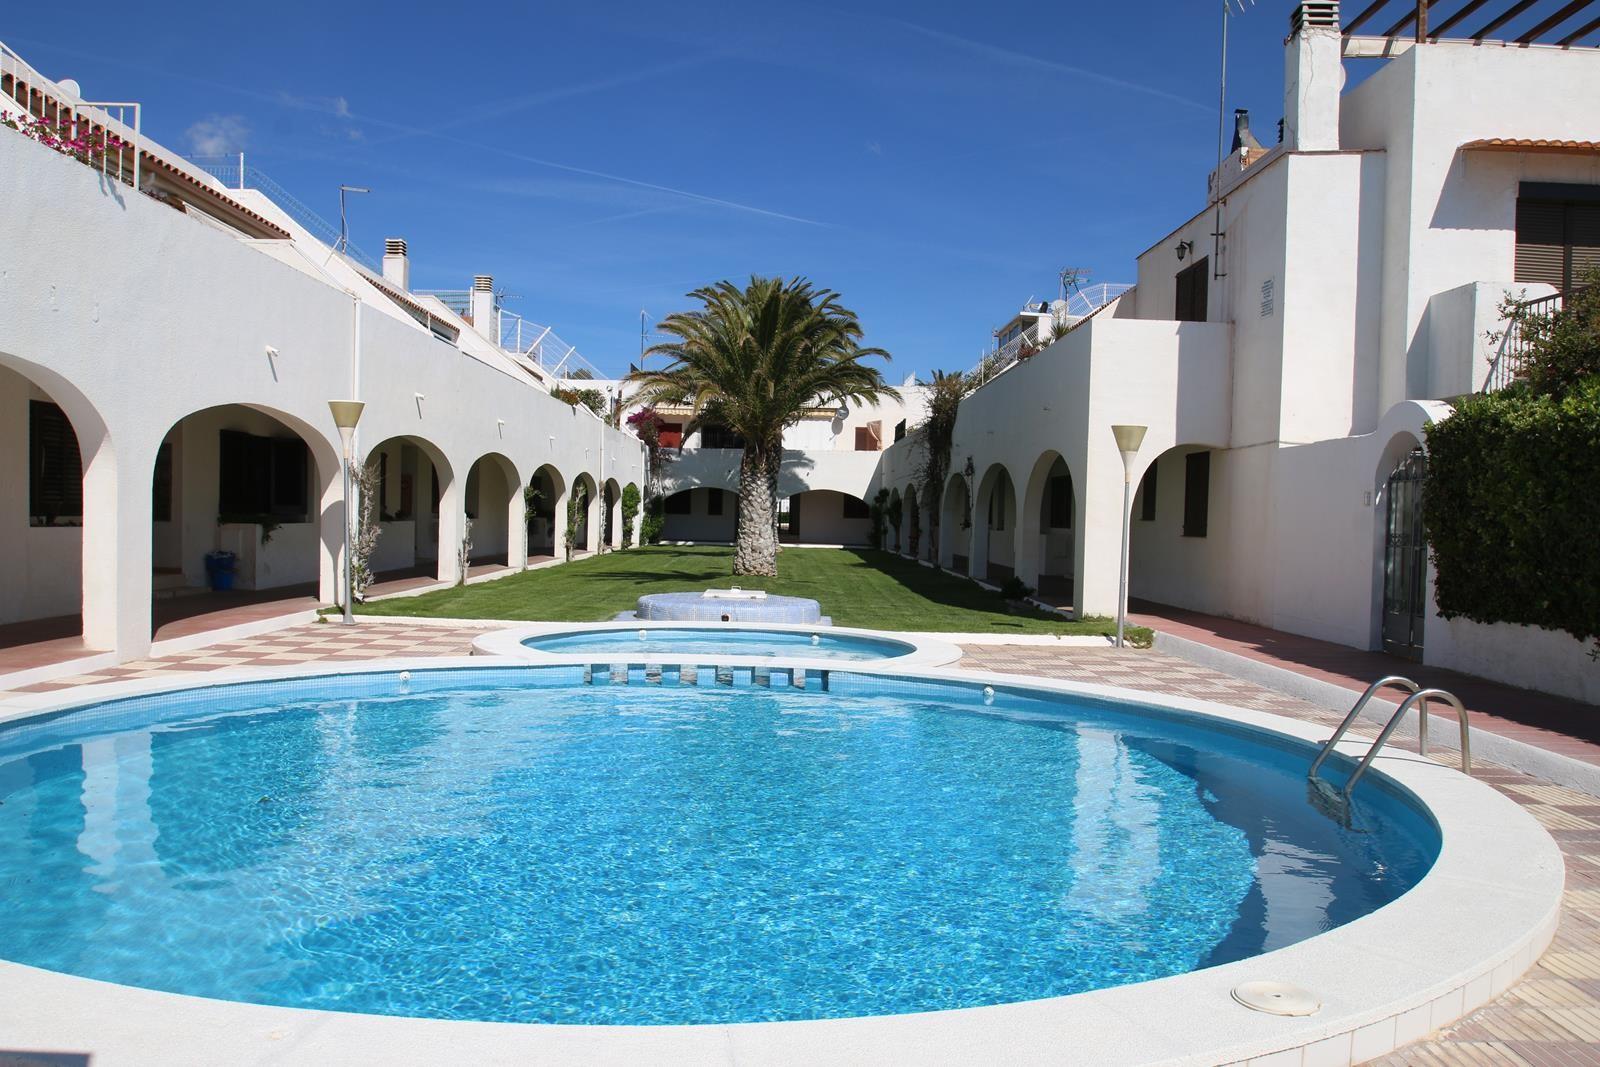 Casas en miami playa casas blancas j12 for Apartamentos jardin playa larga tarragona